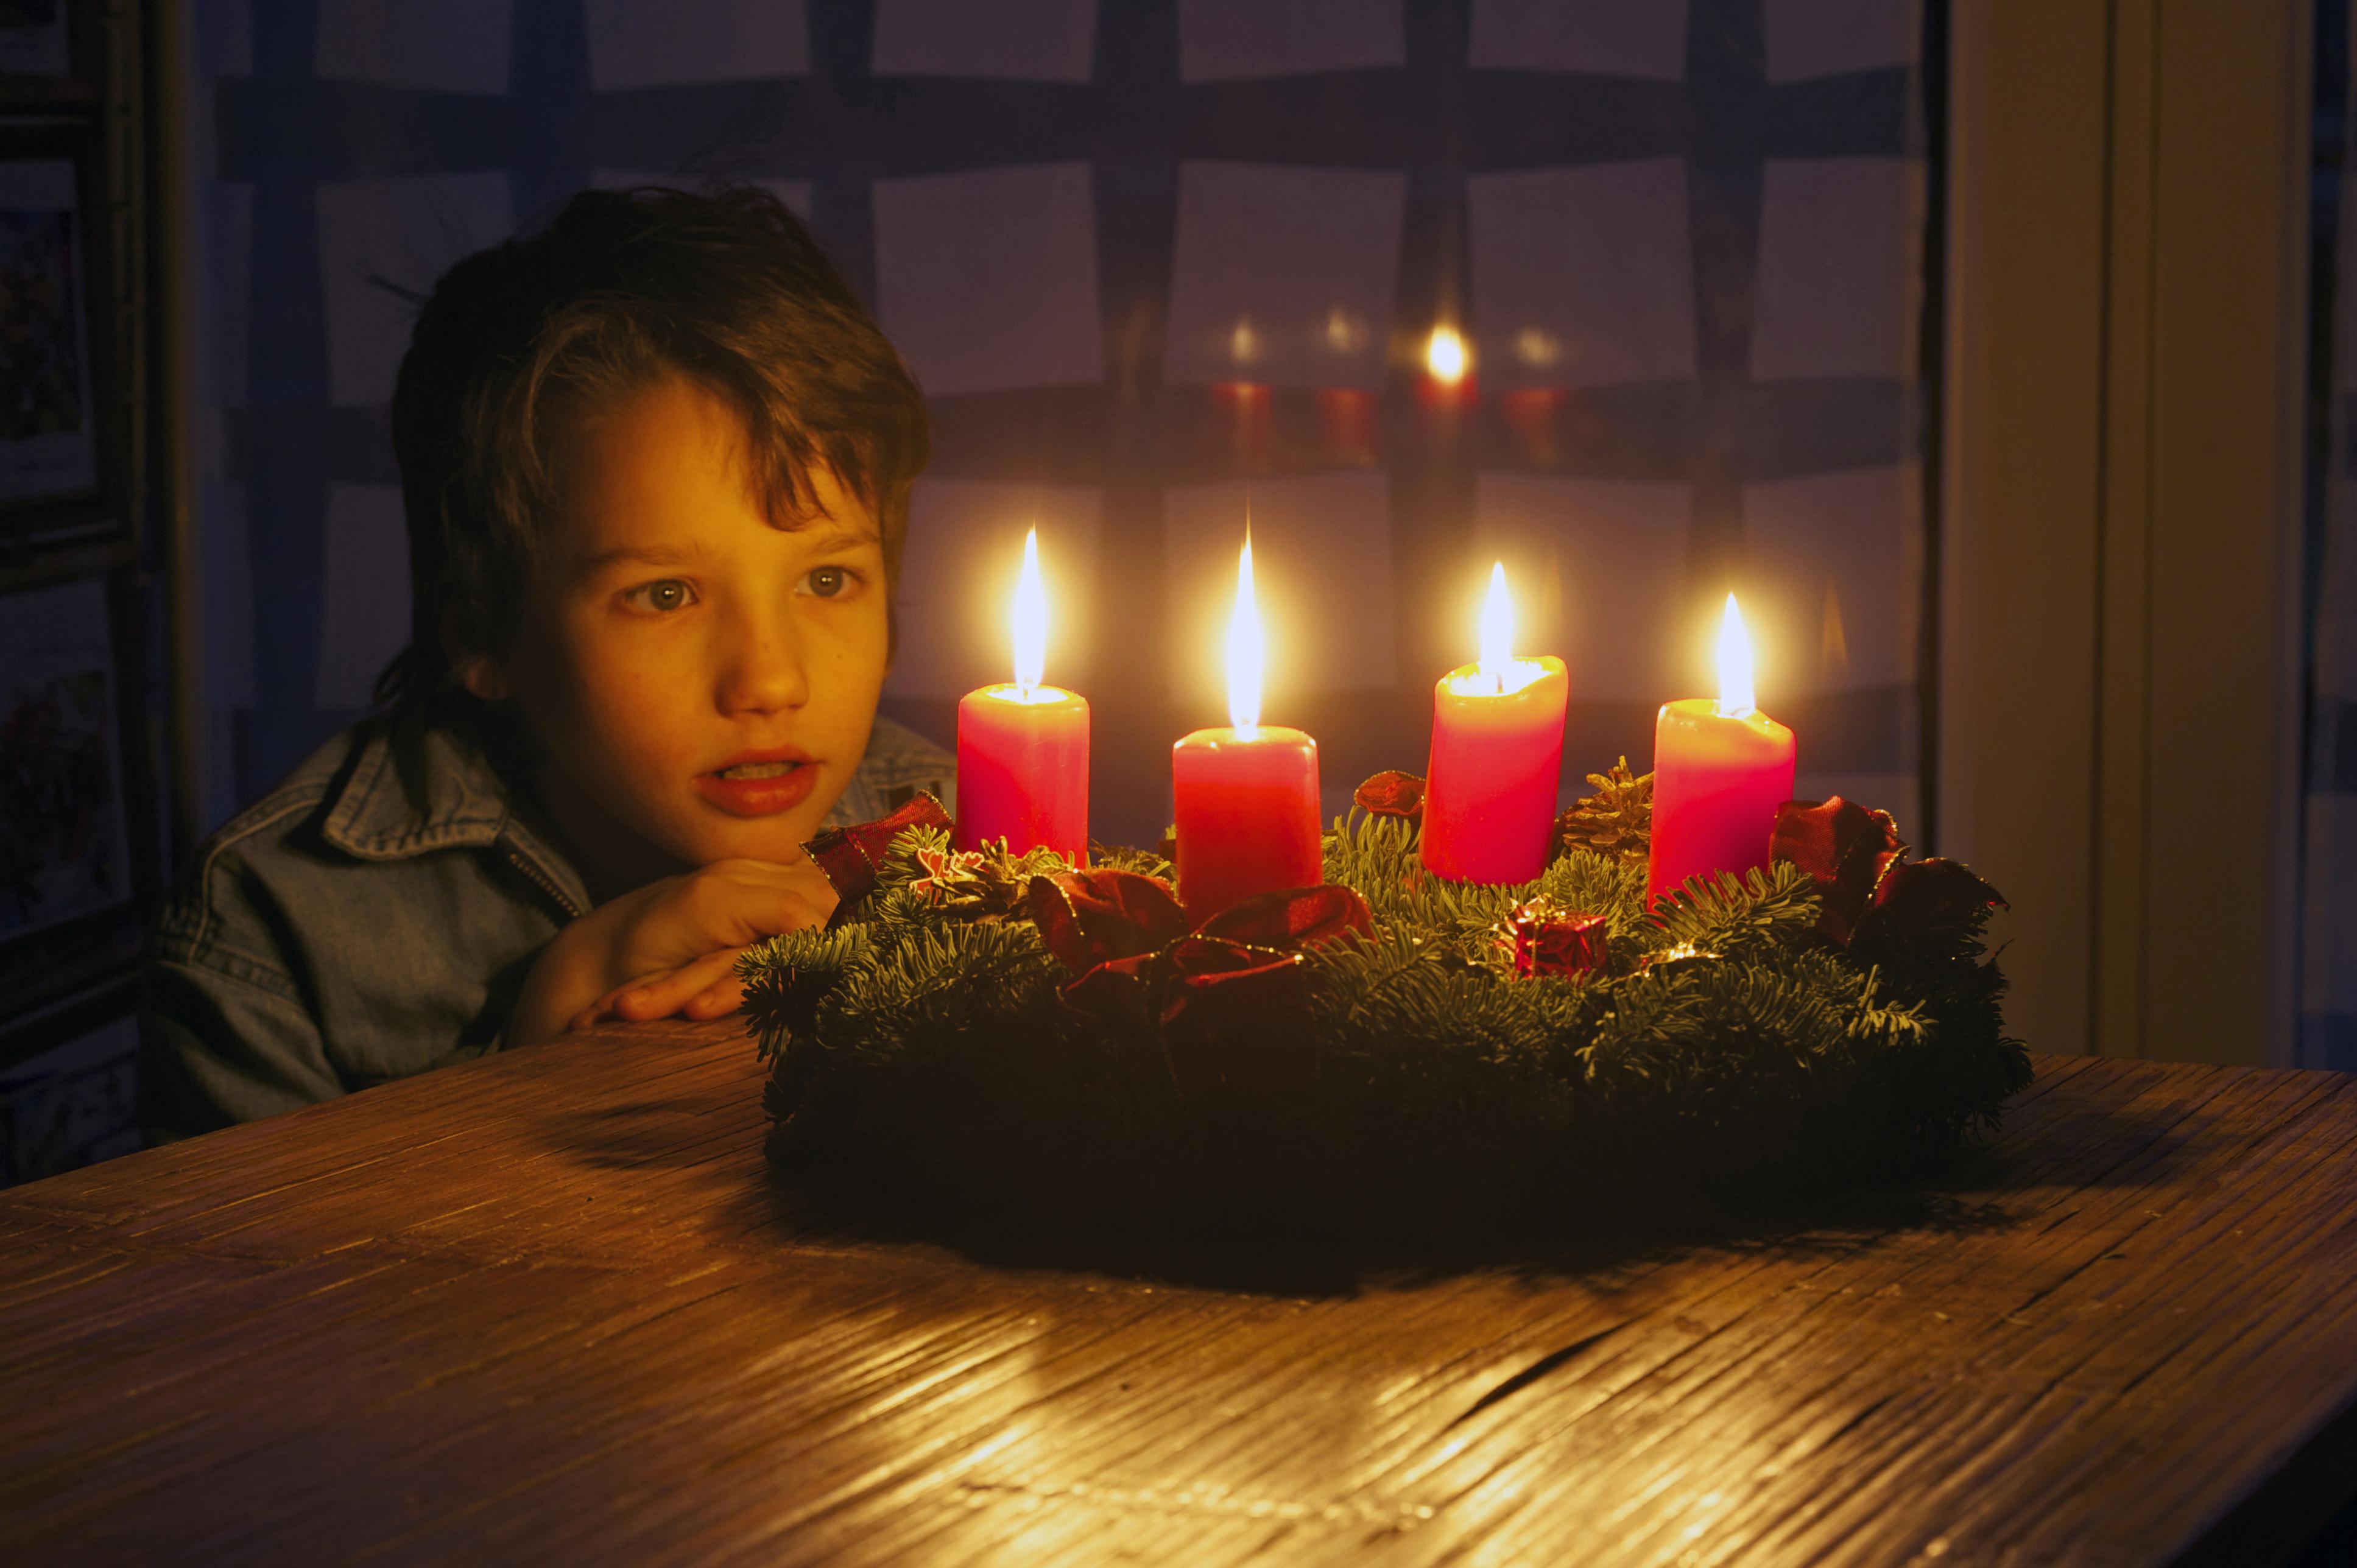 Ночь перед рождеством: традиции и приметы, гадания на любовь и достаток, что нельзя делать | новости